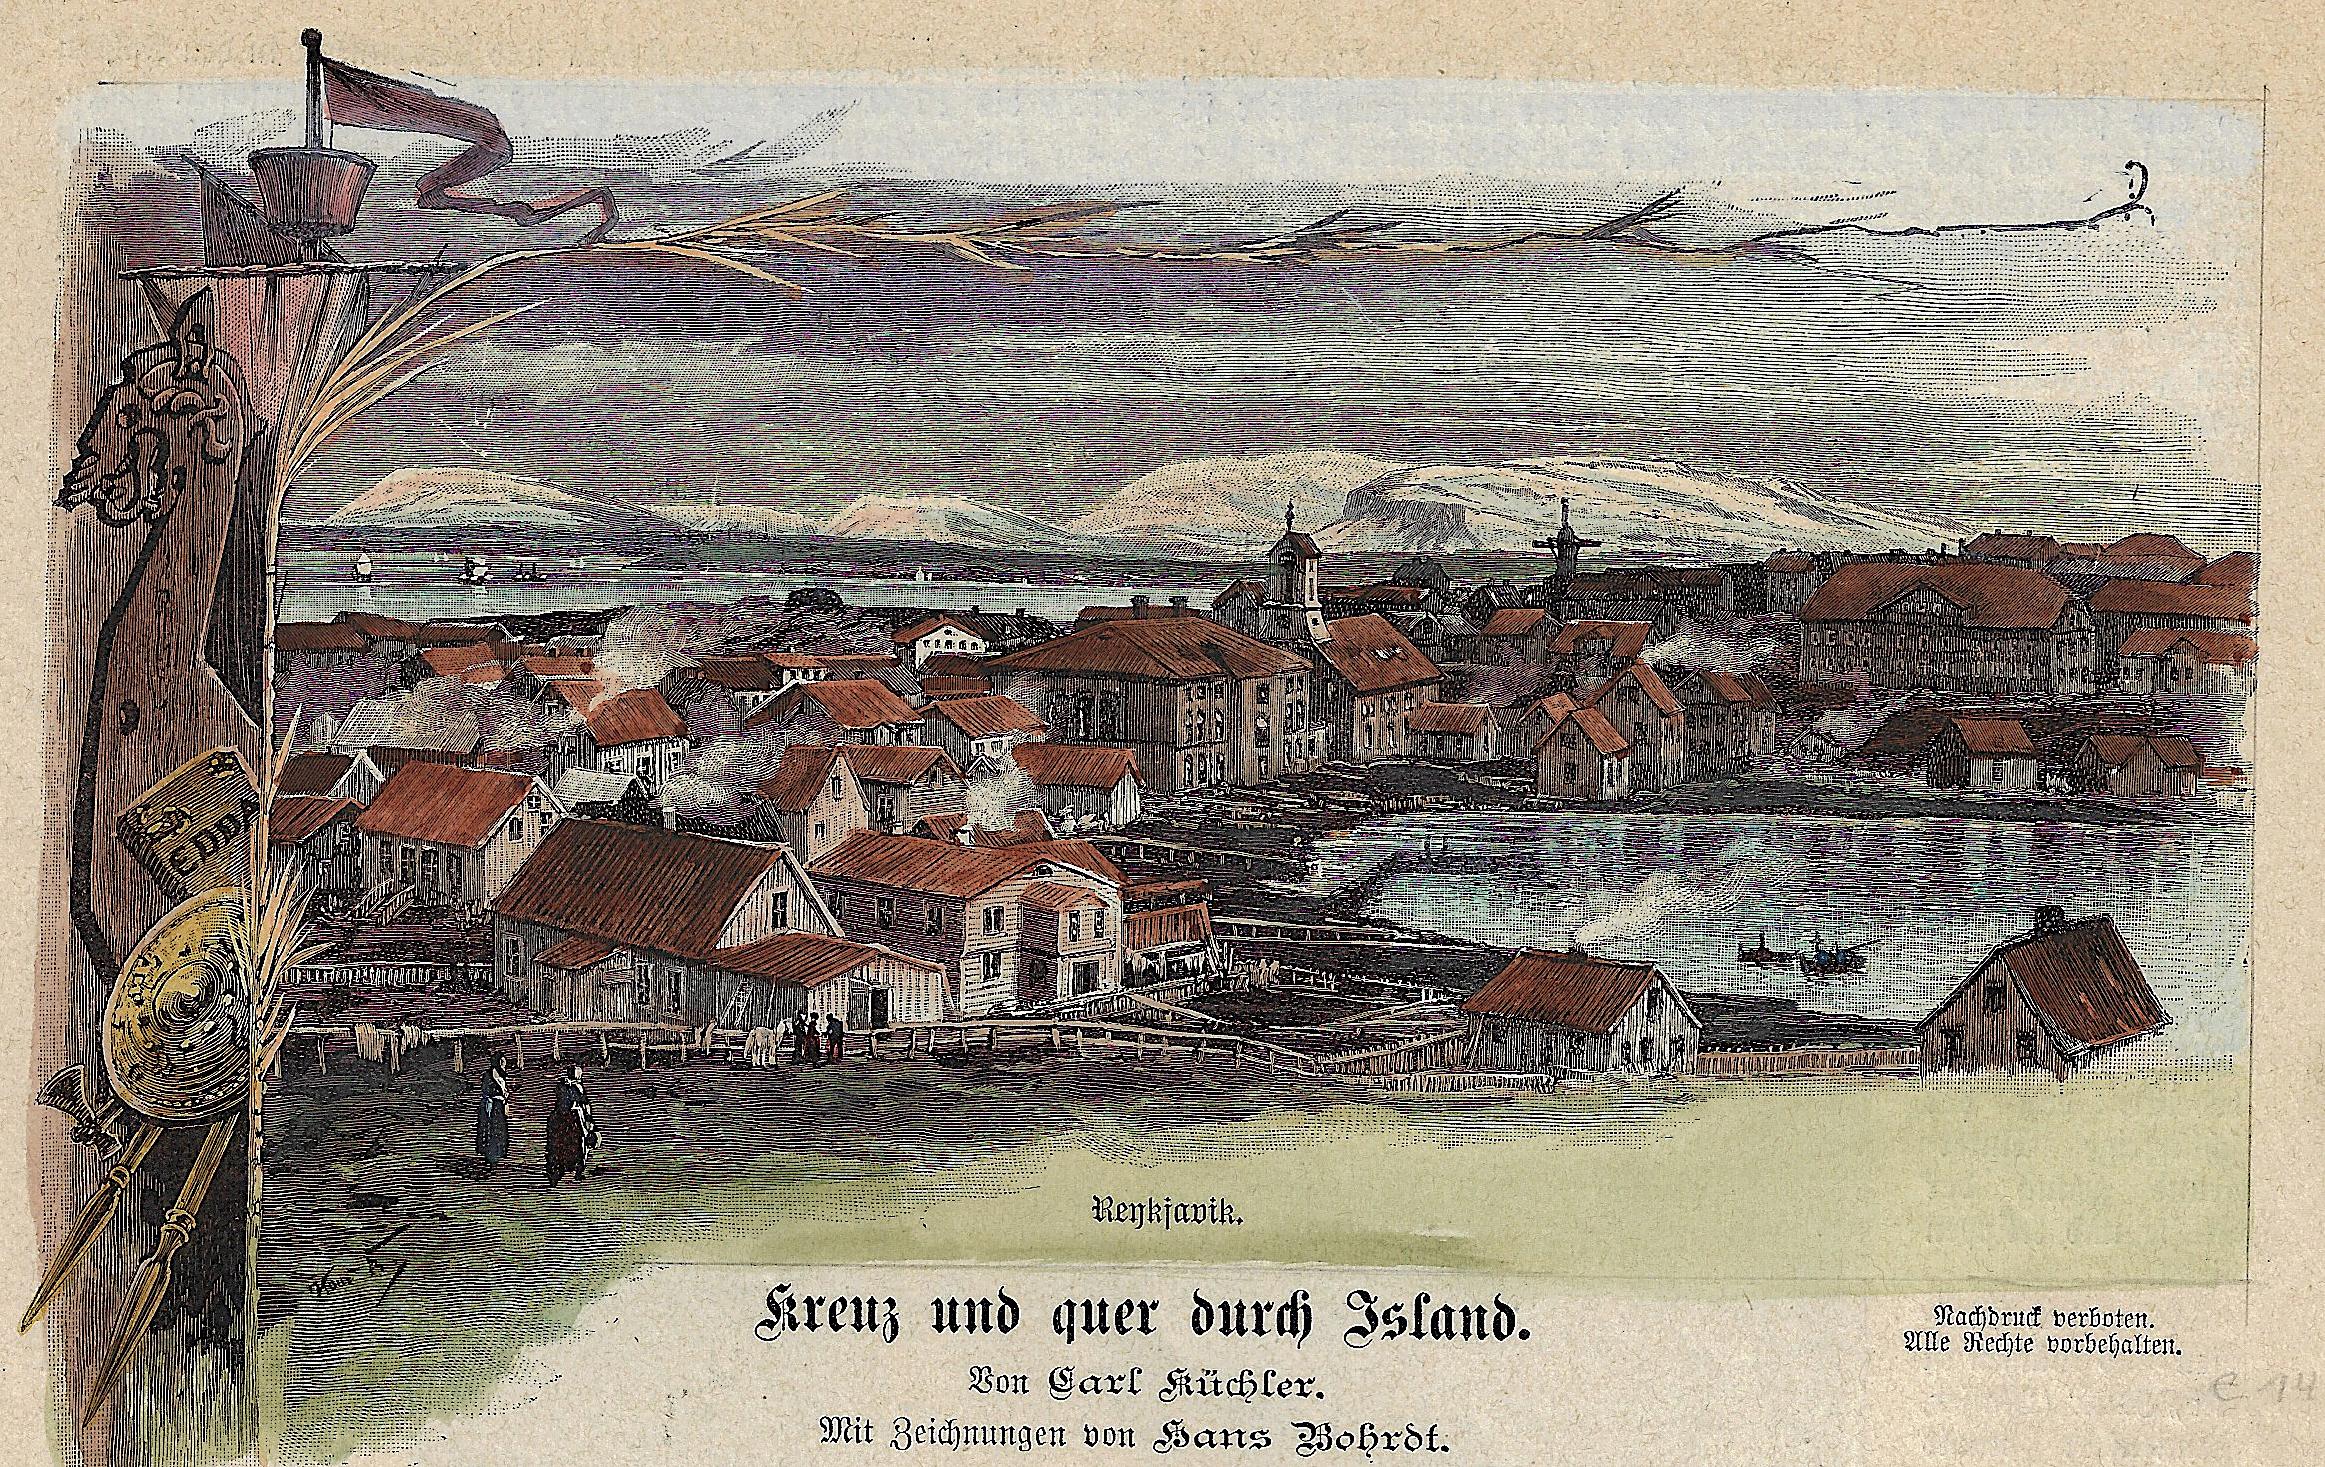 Bohrdt  Reykjavik. / Kreuz und quer durch Island.